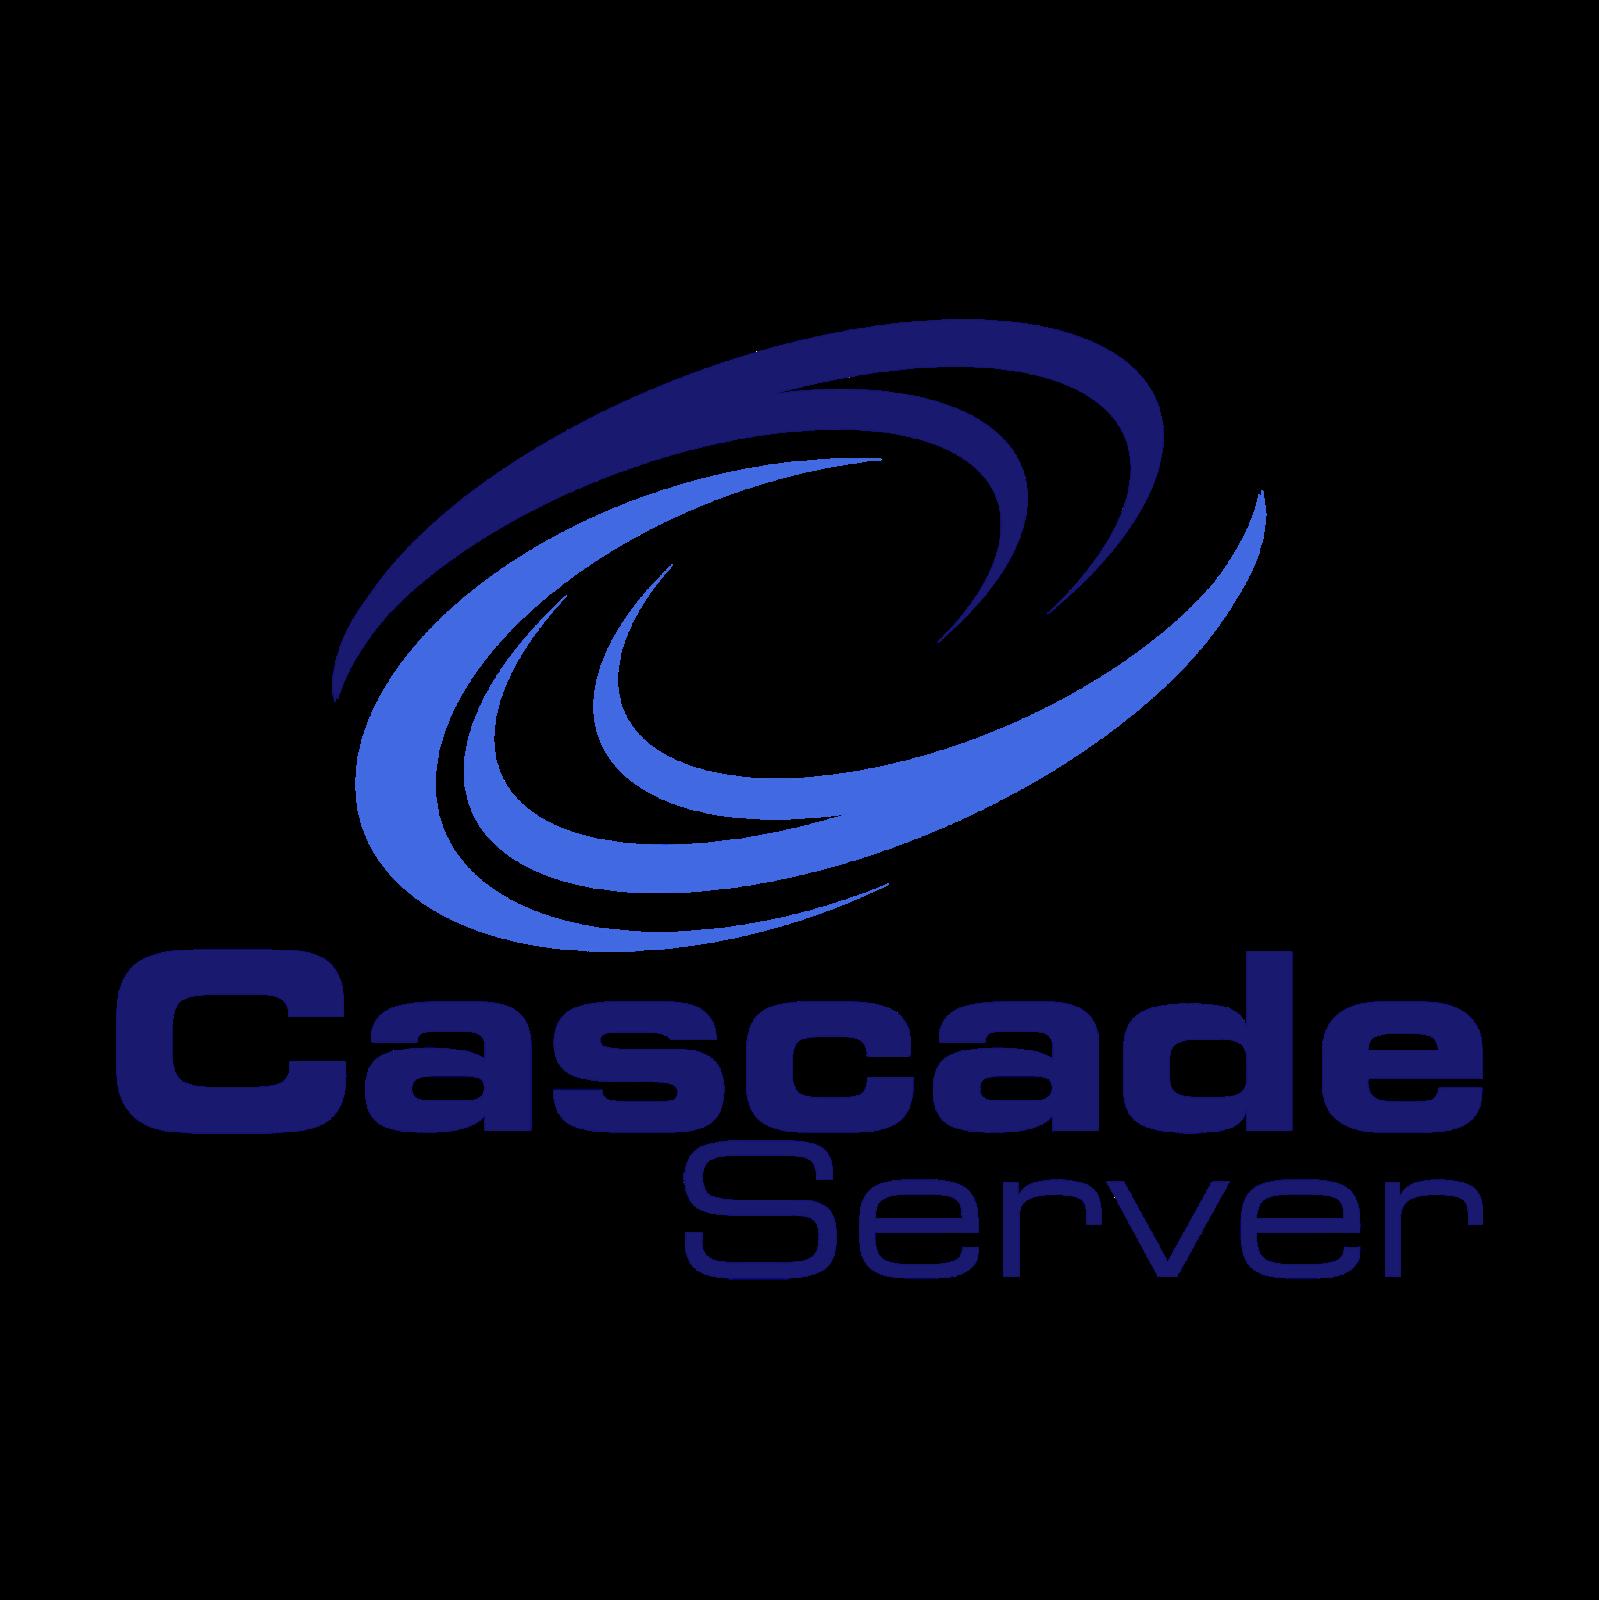 Cascade Server